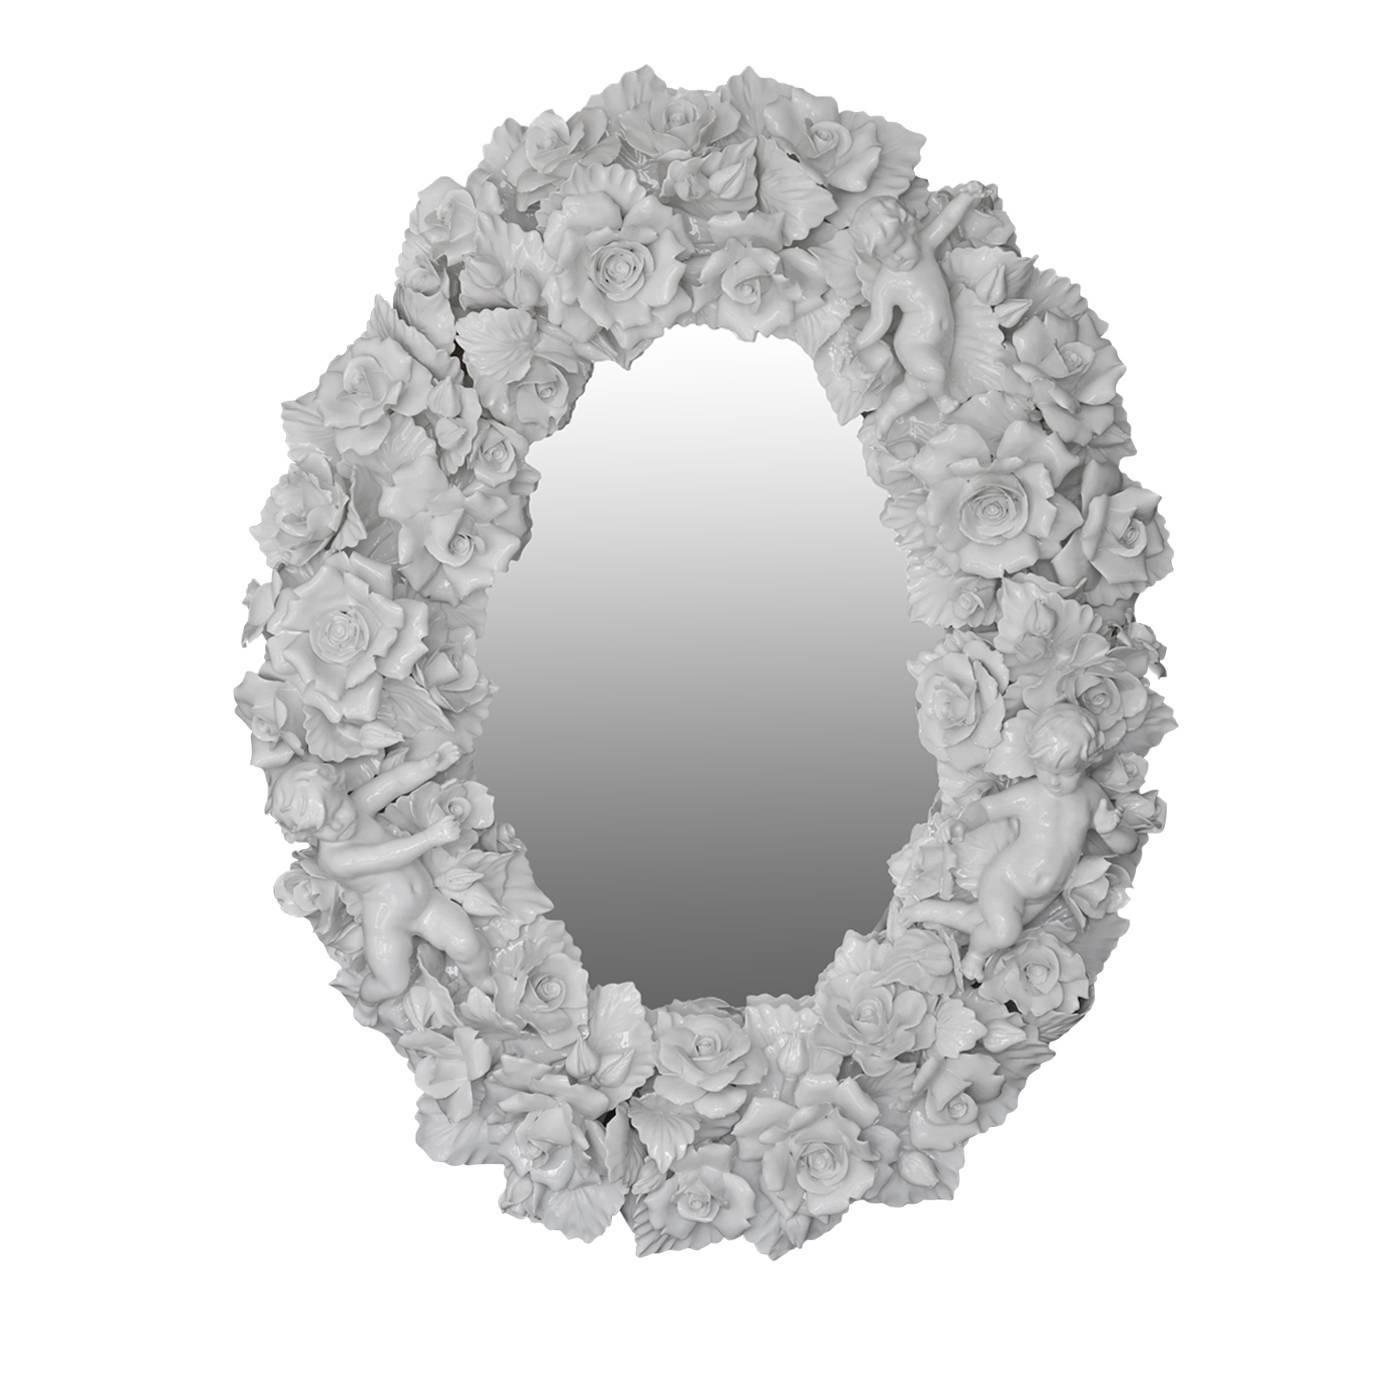 Capodimonte Ceramic Wall Mirror